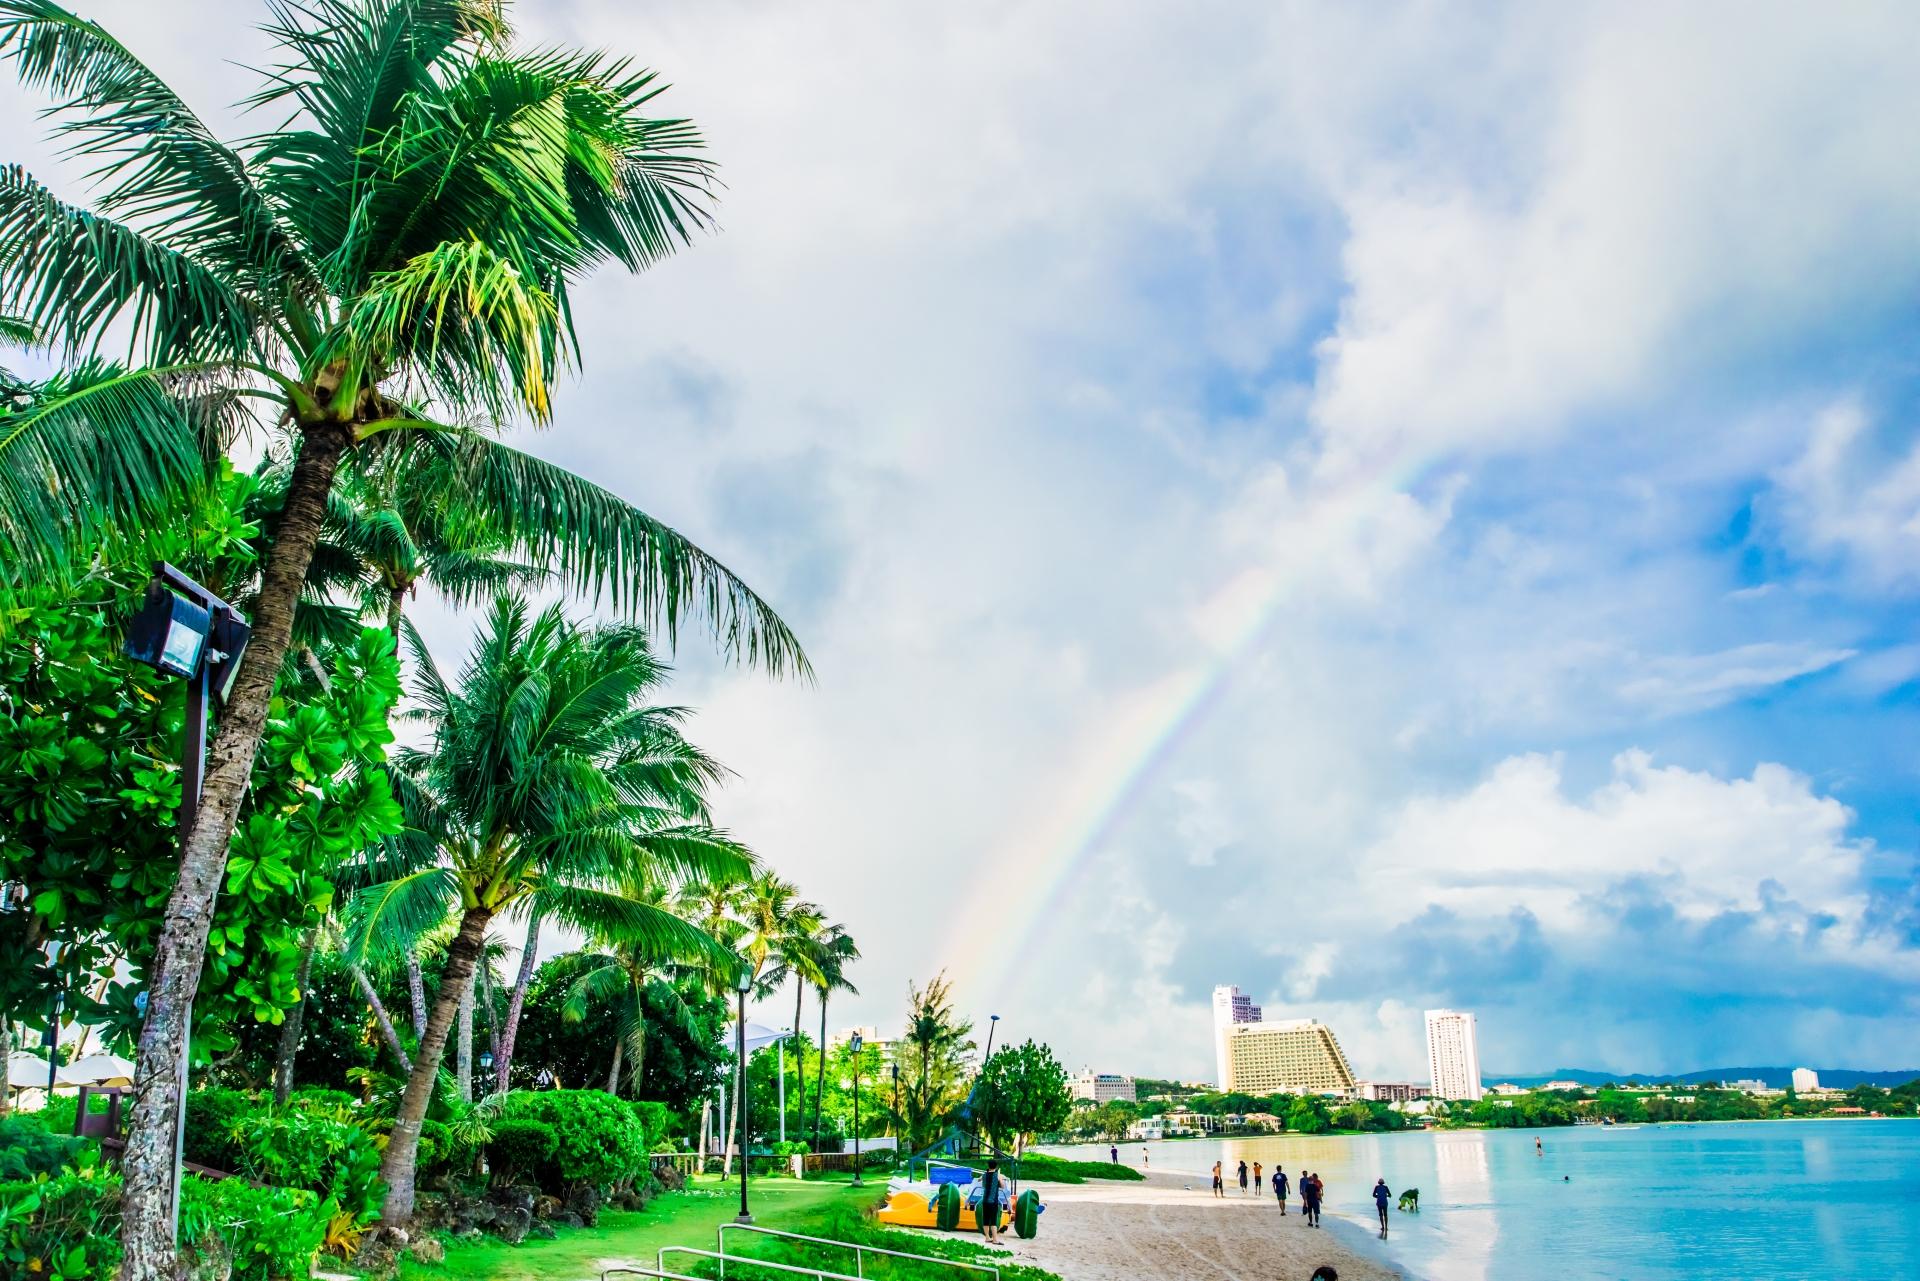 グアムの雨季はいつ?おすすめの過ごし方や雨でも楽しめるスポットまとめ!